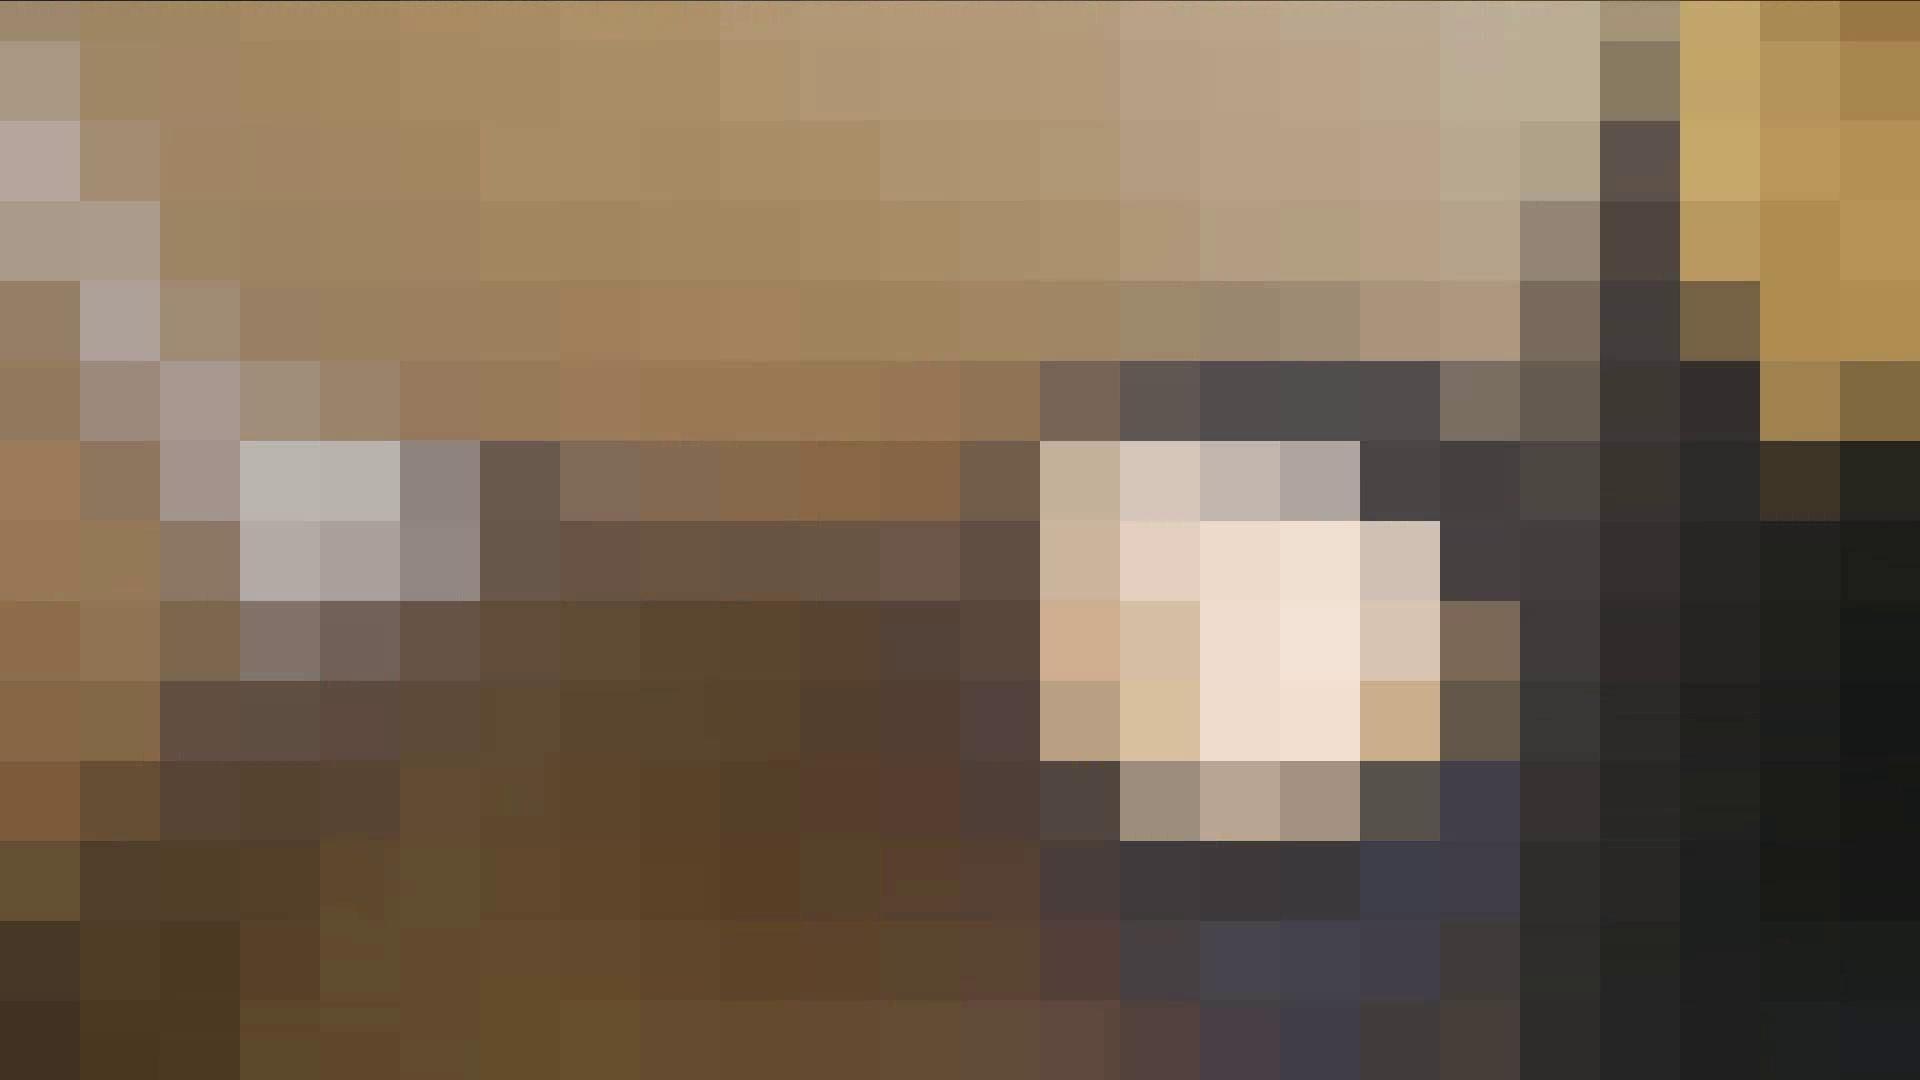 阿国ちゃんの「和式洋式七変化」No.17 洗面所   丸見えマンコ  95画像 37